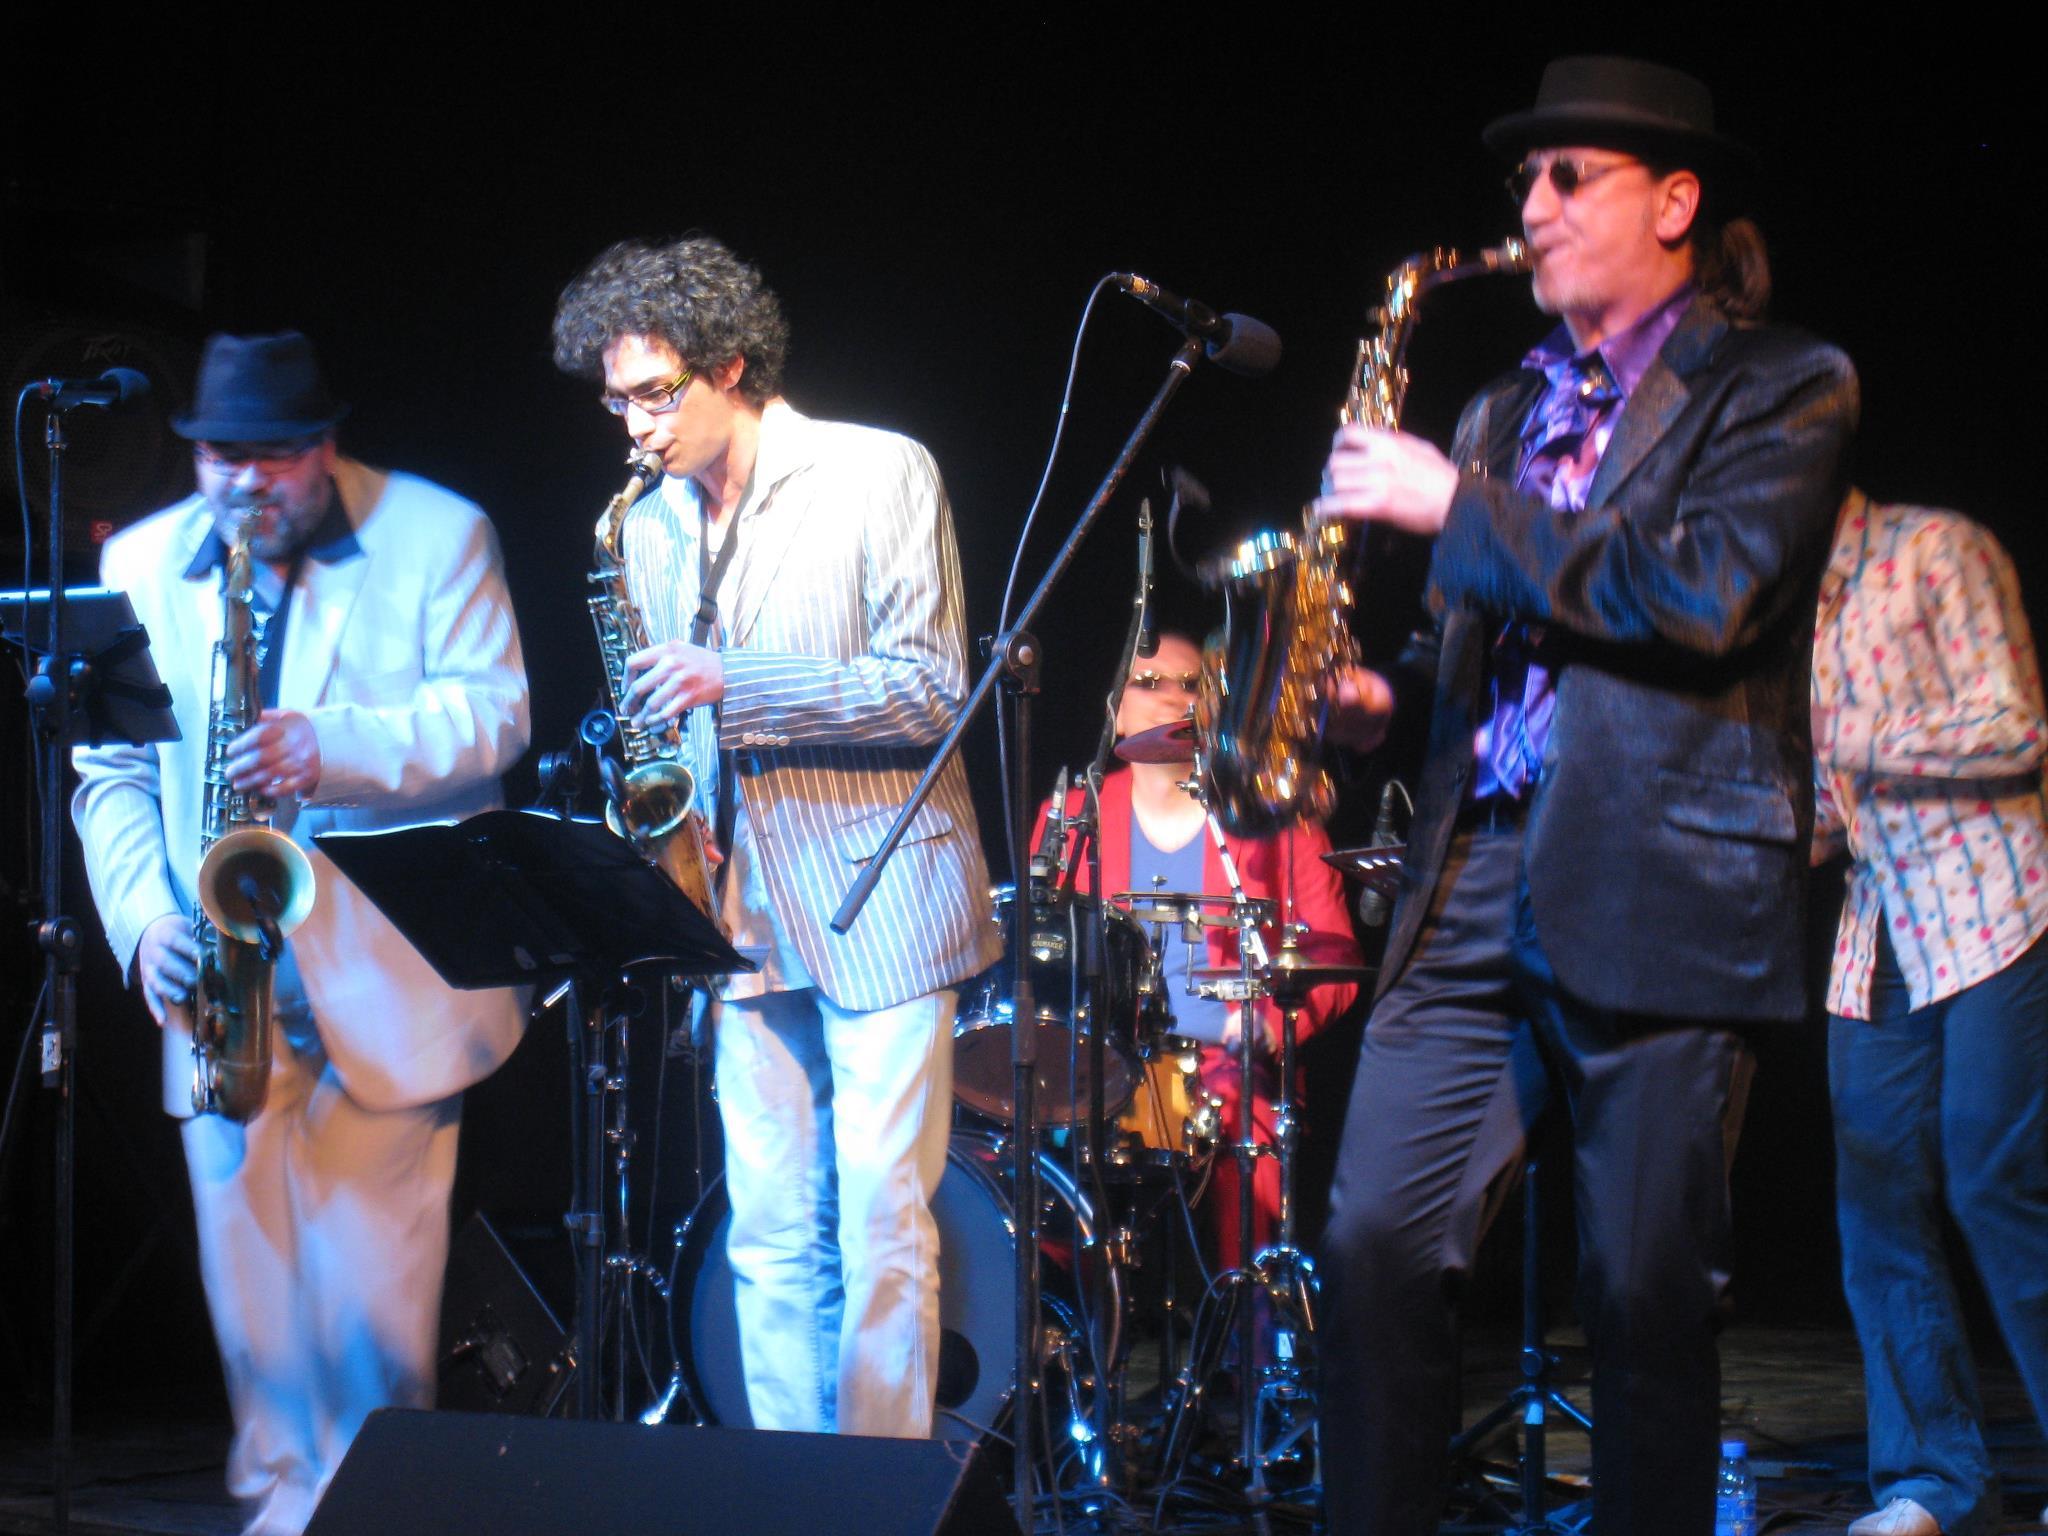 4-arlama-orkestar-al-balad-amman-feb-2012